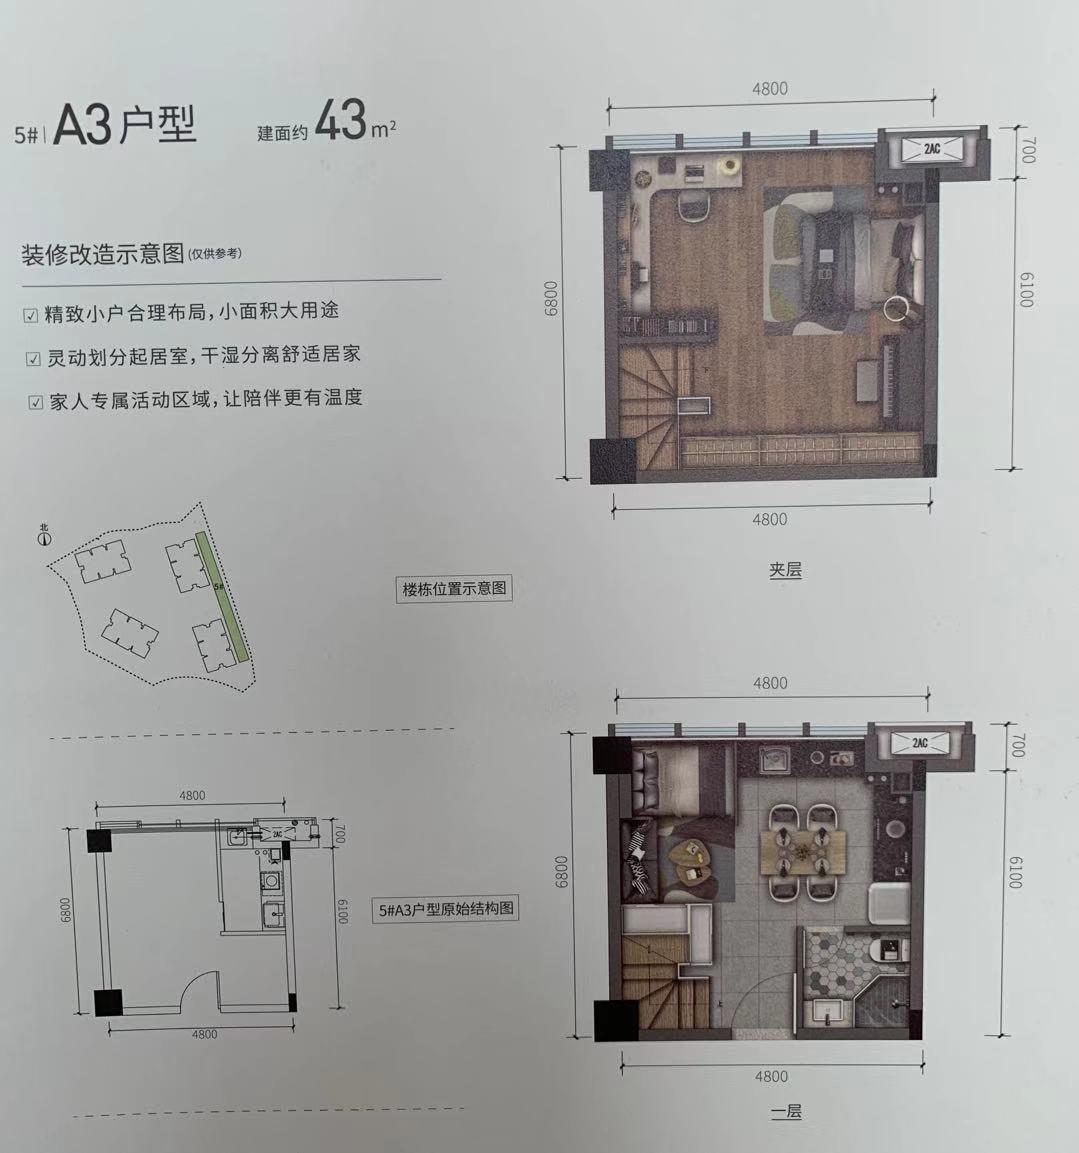 北碚区蔡家东原嘉阅湾新房A3户型图